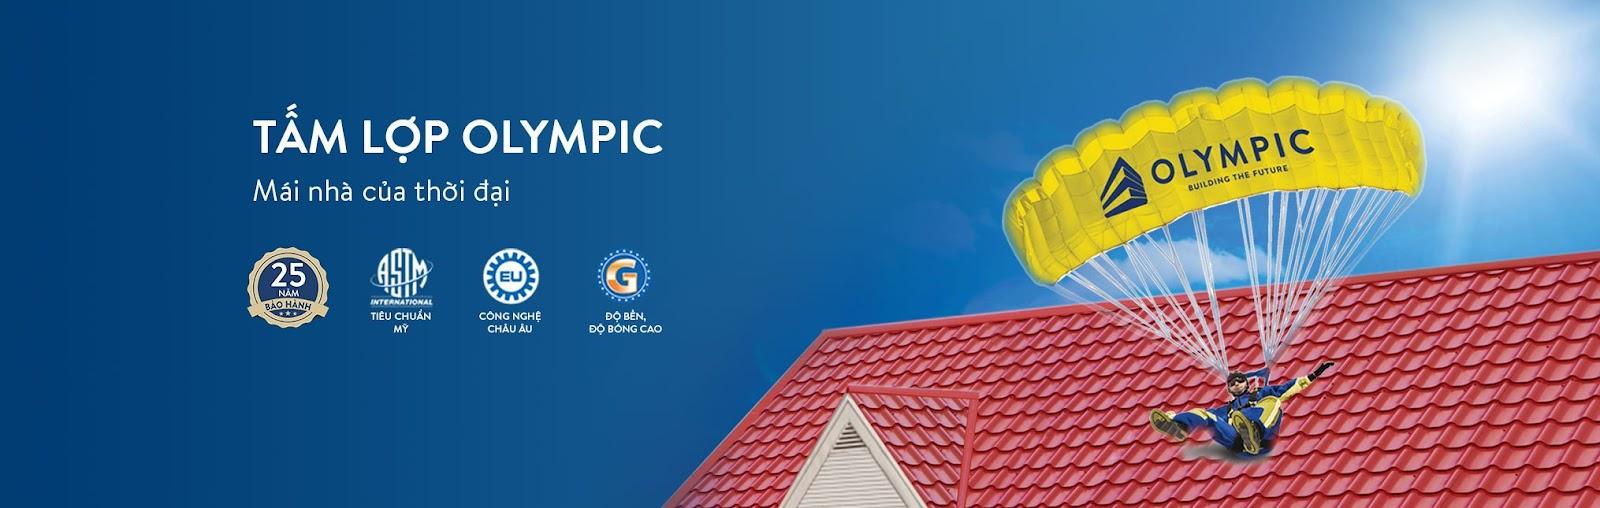 Tôn Olympic-Mái nhà của thời đại